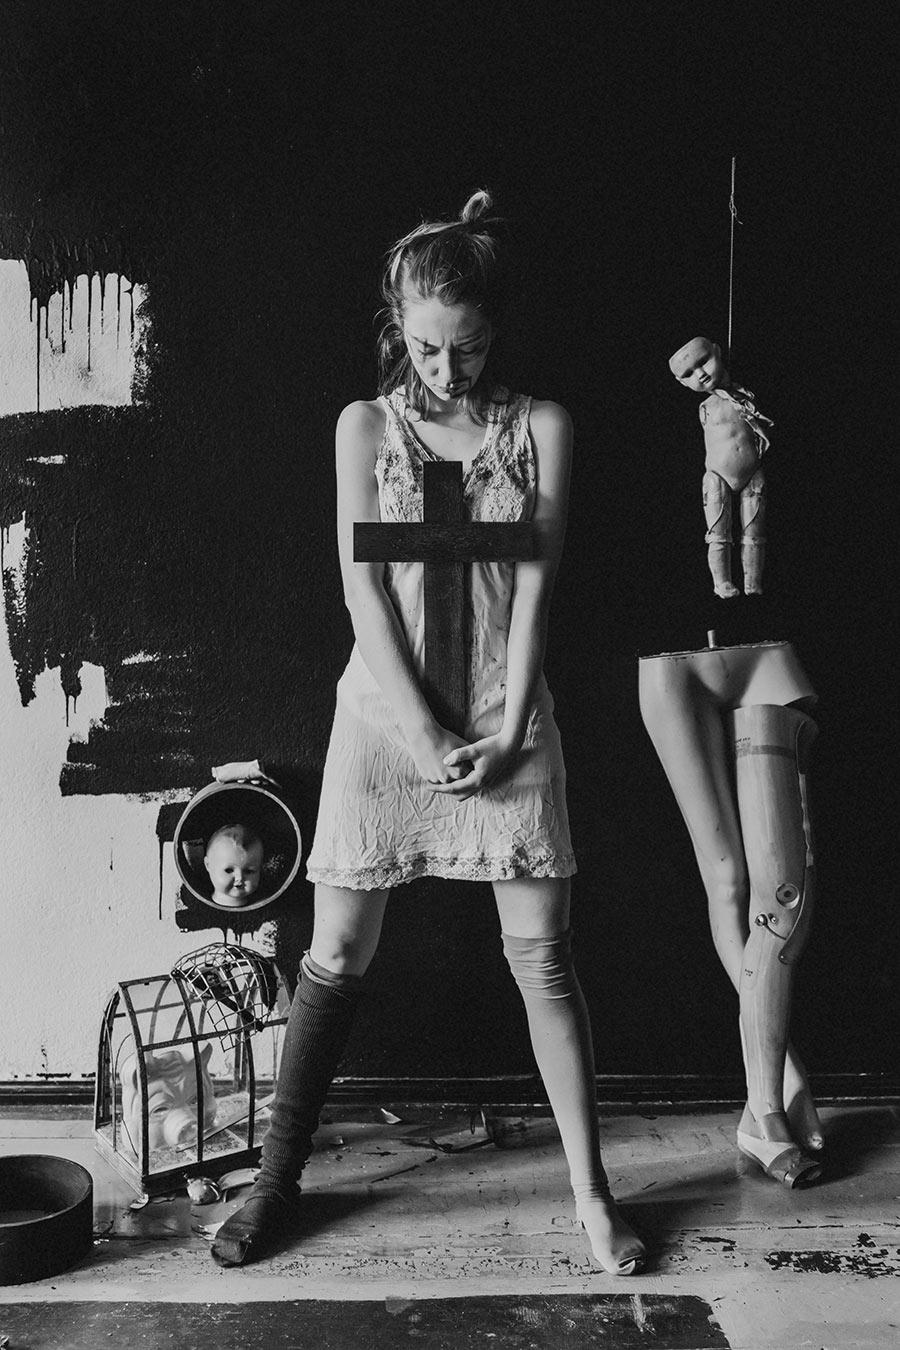 Das Konklave der Narren_Fotoserie von Antje Kröger